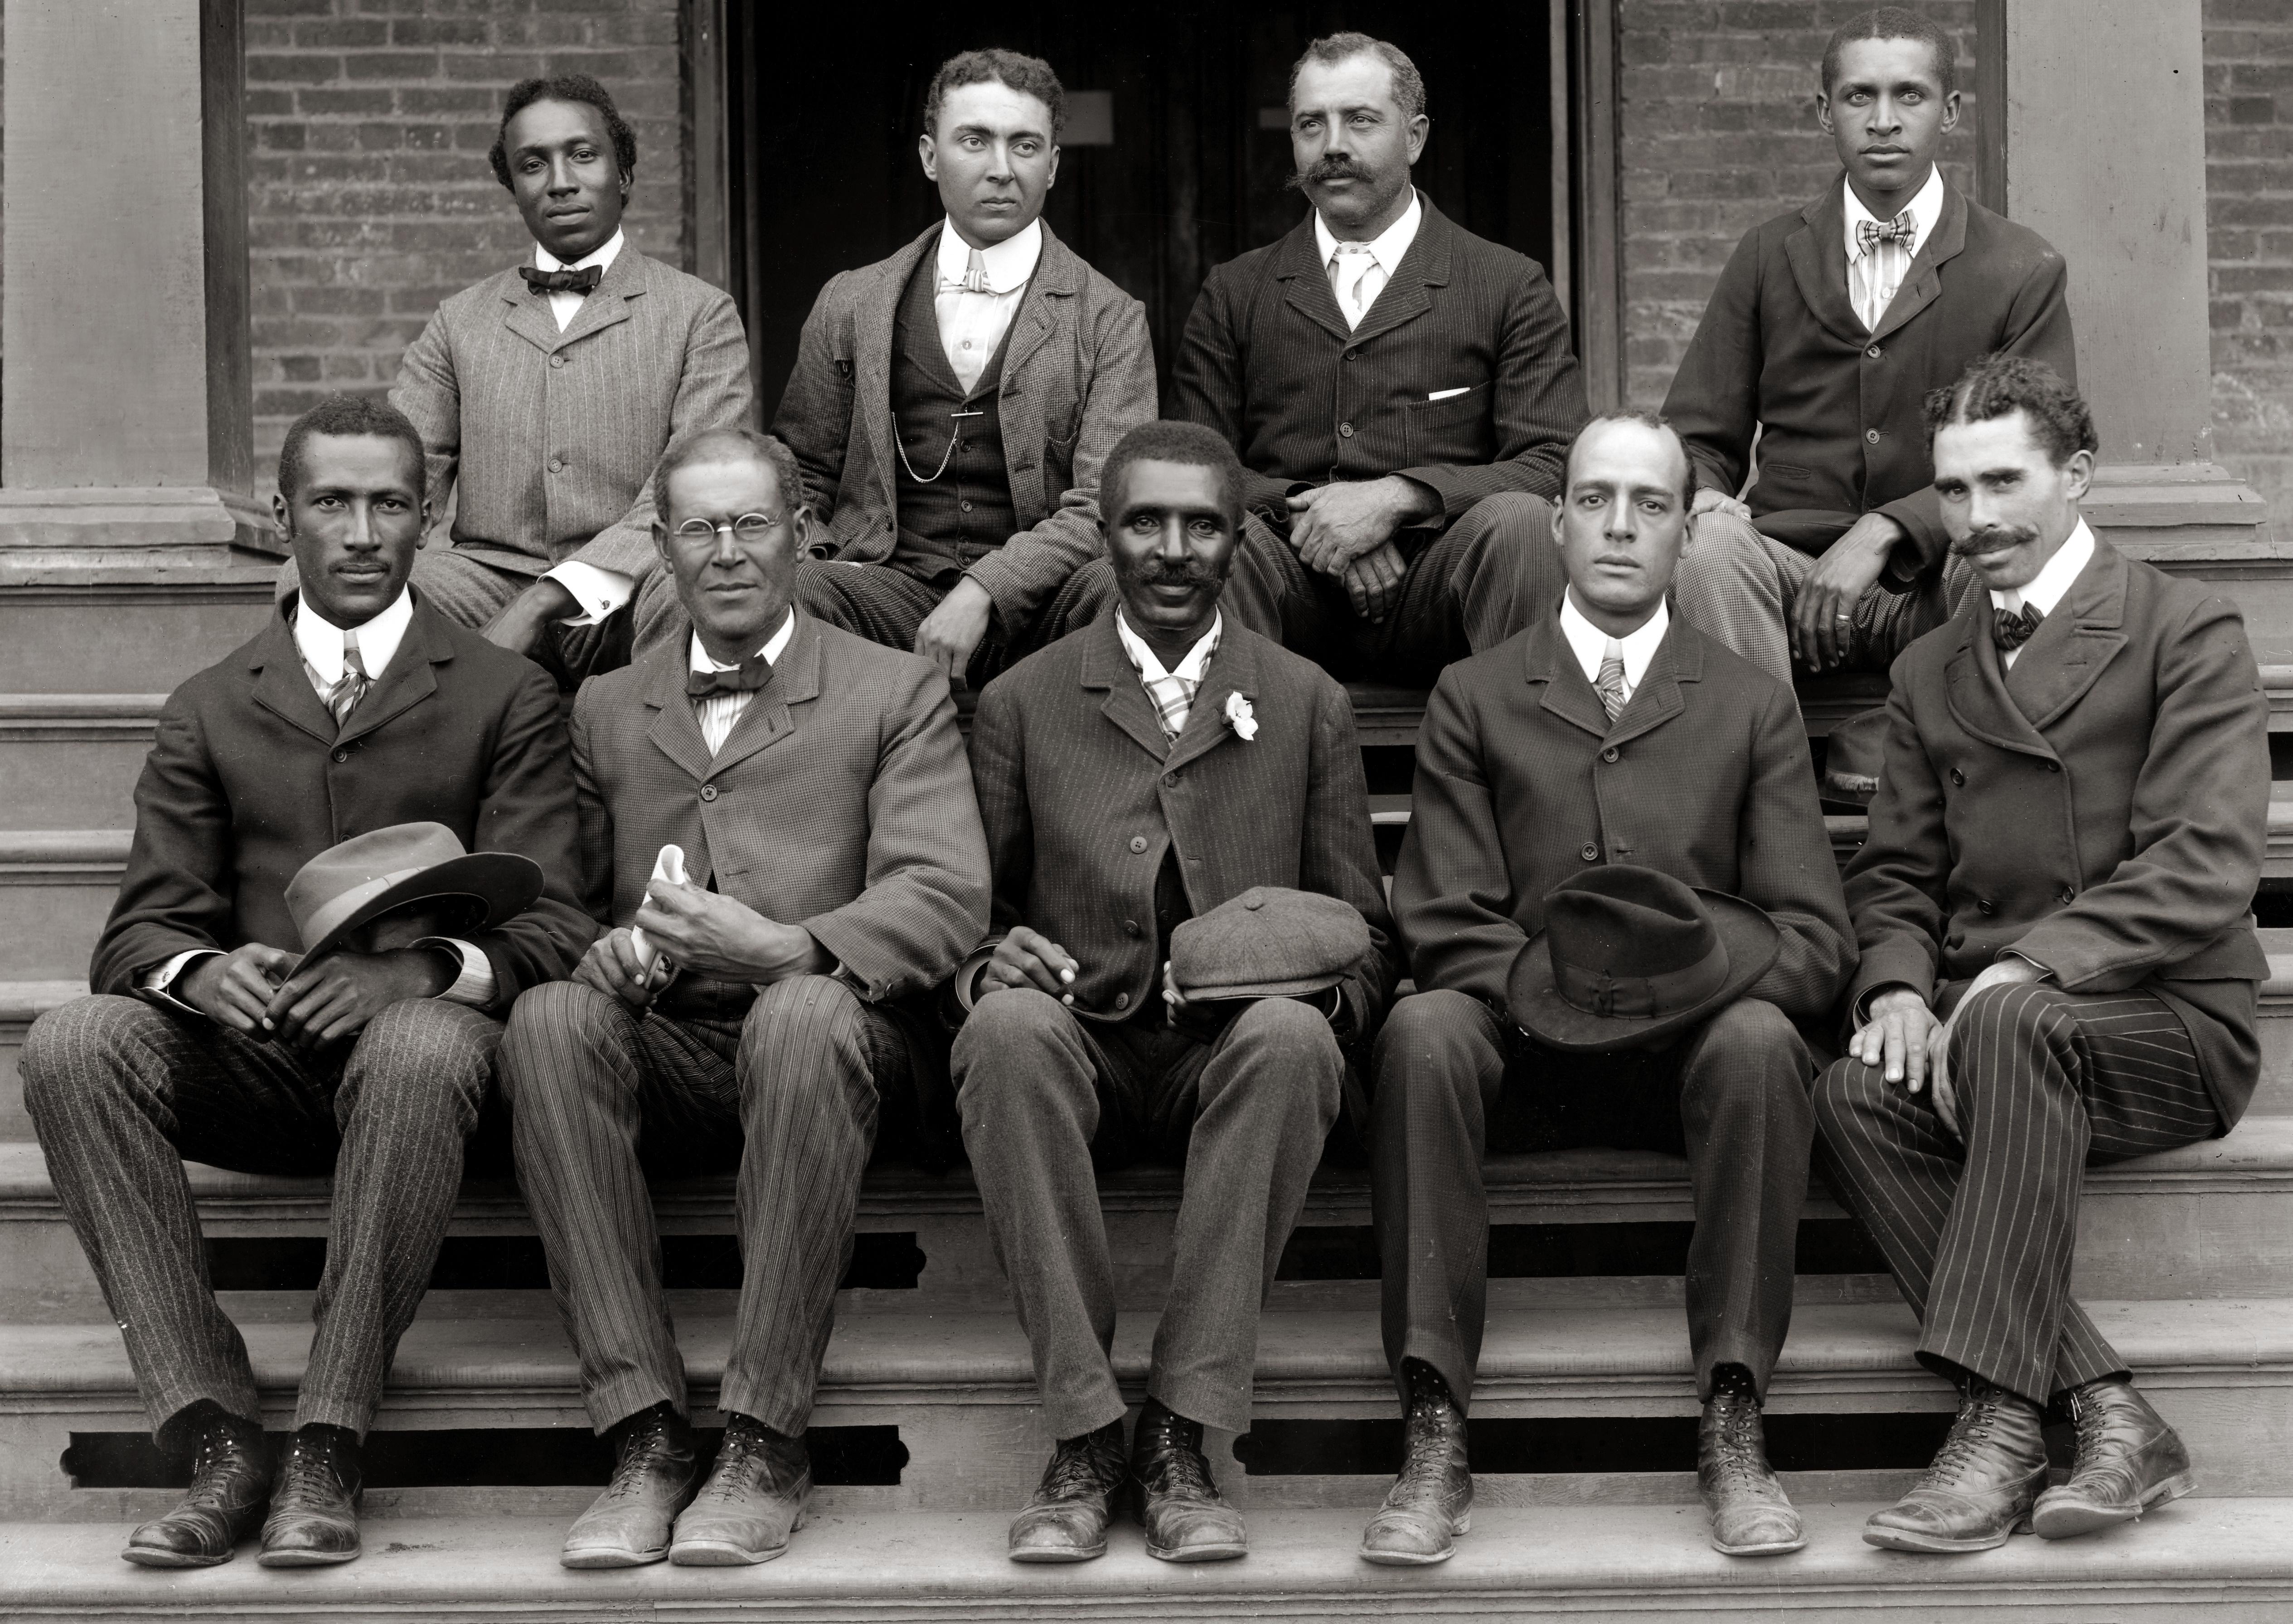 Celebrating George Washington Carver